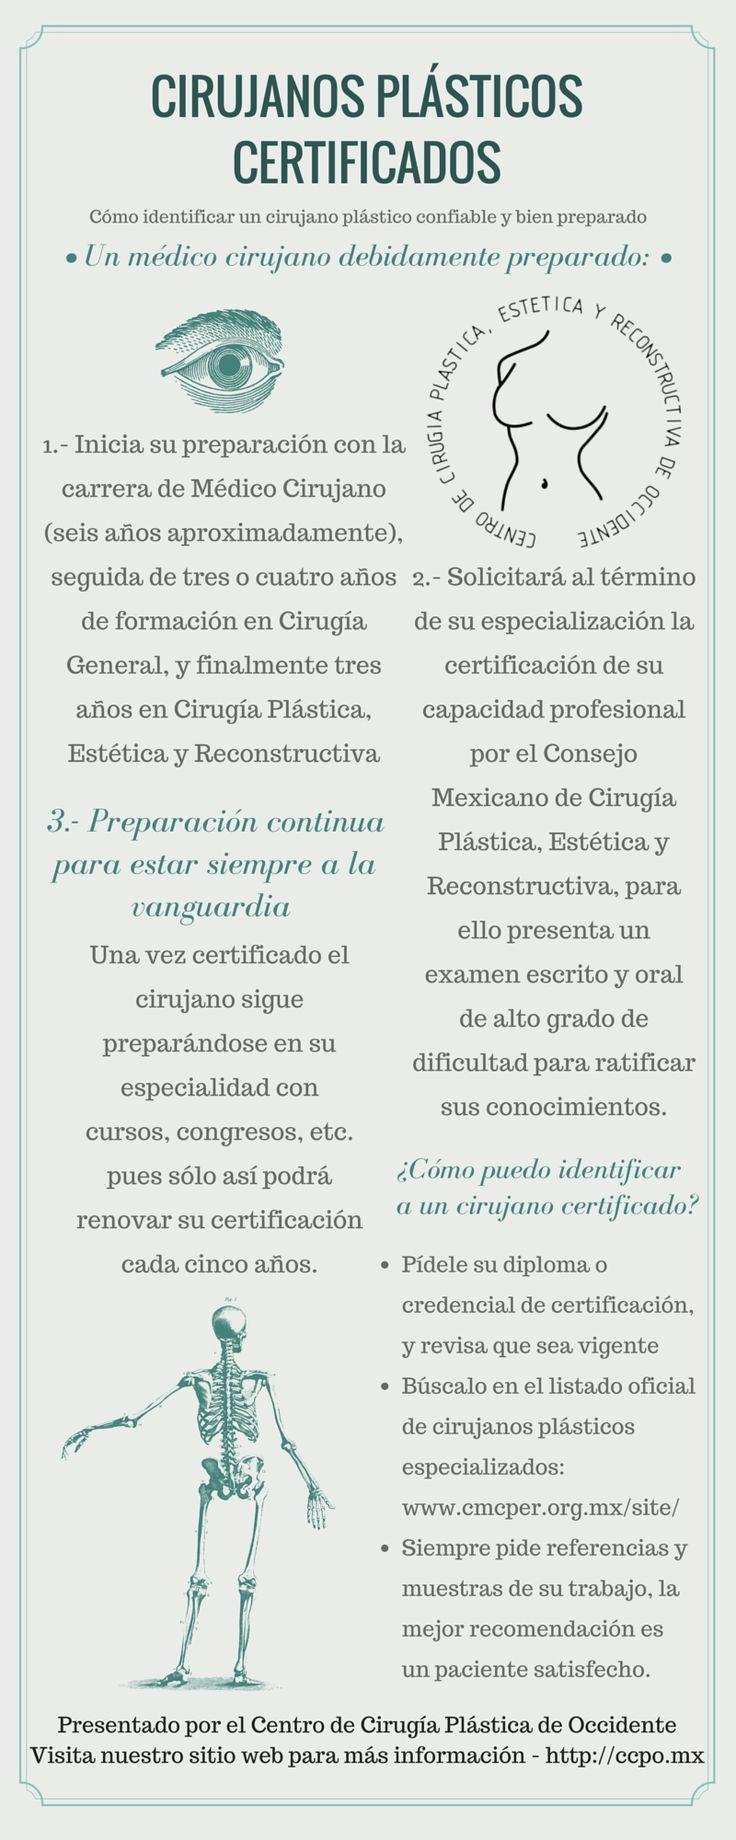 Conoce el proceso de certificación de un médico cirujano plástico y descubre fácilmente si el médico que te atenderá está certificado (como nuestro doctor Jesús González Castanedo) buscándolo en este listado: http://www.cmcper.org.mx/site4/index.php/directorio-y-mapa/consulta-especialistas-certificados